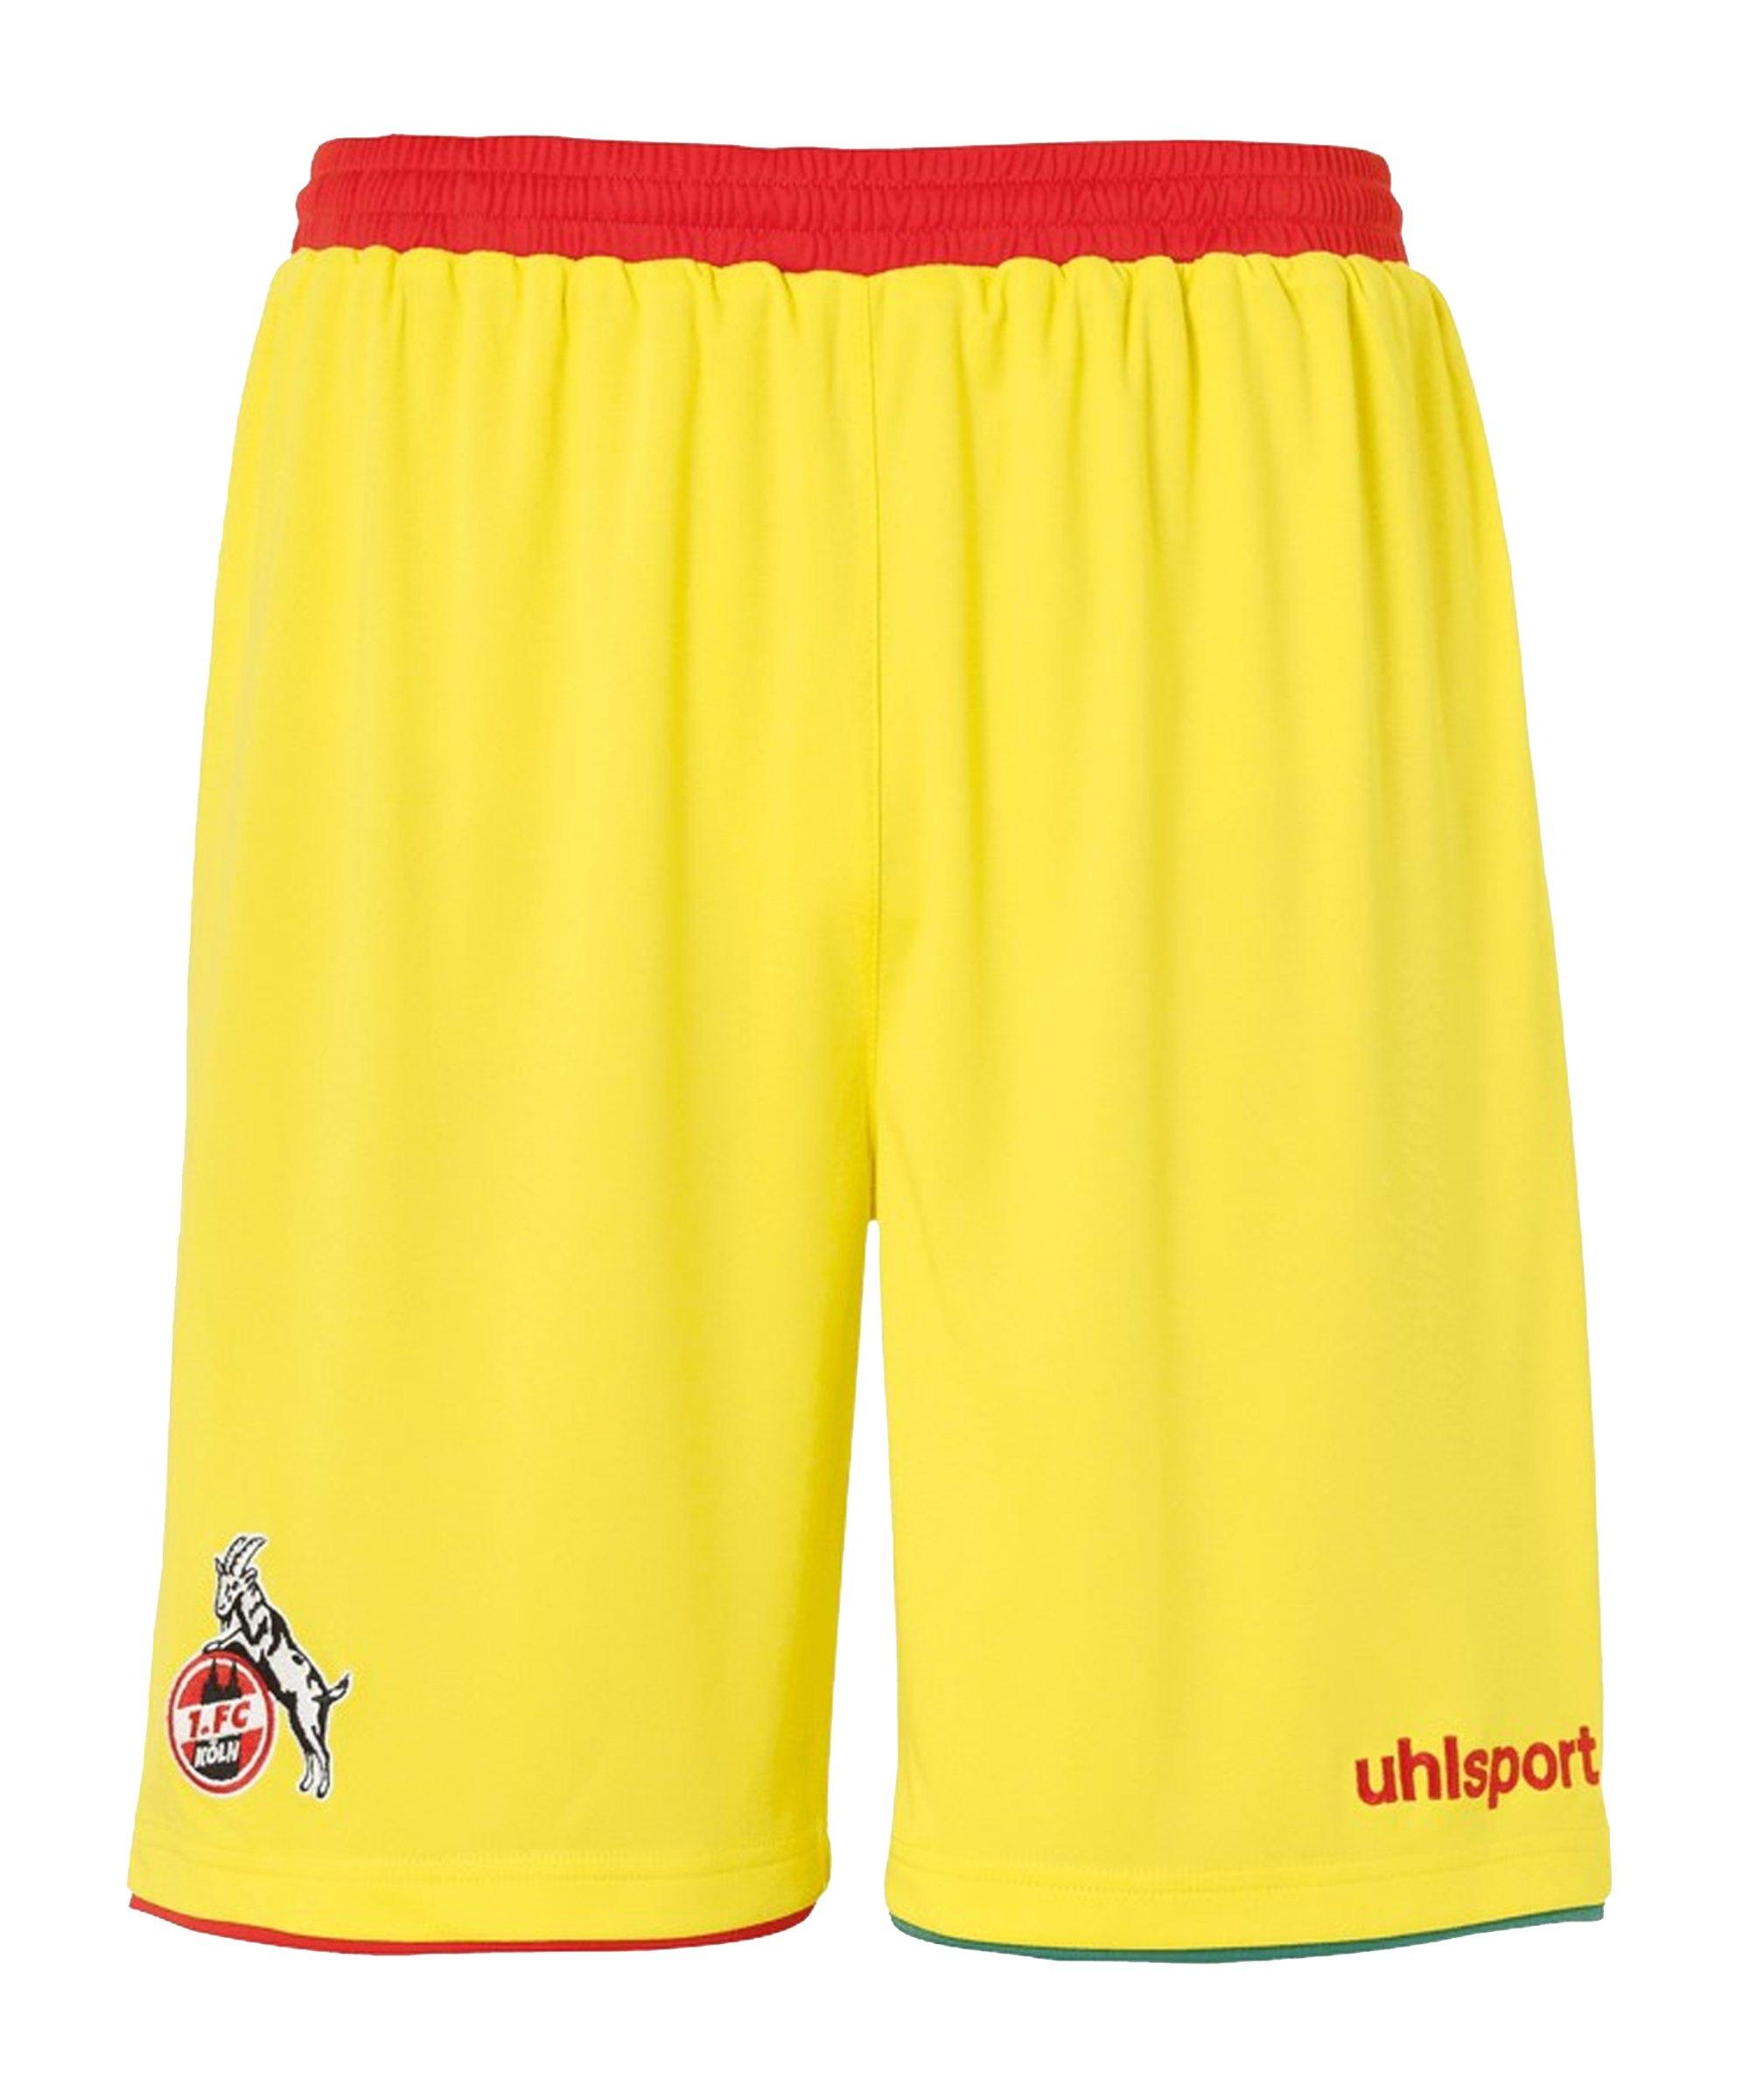 Uhlsport 1. FC Köln Short 3rd 2020/2021 - gelb